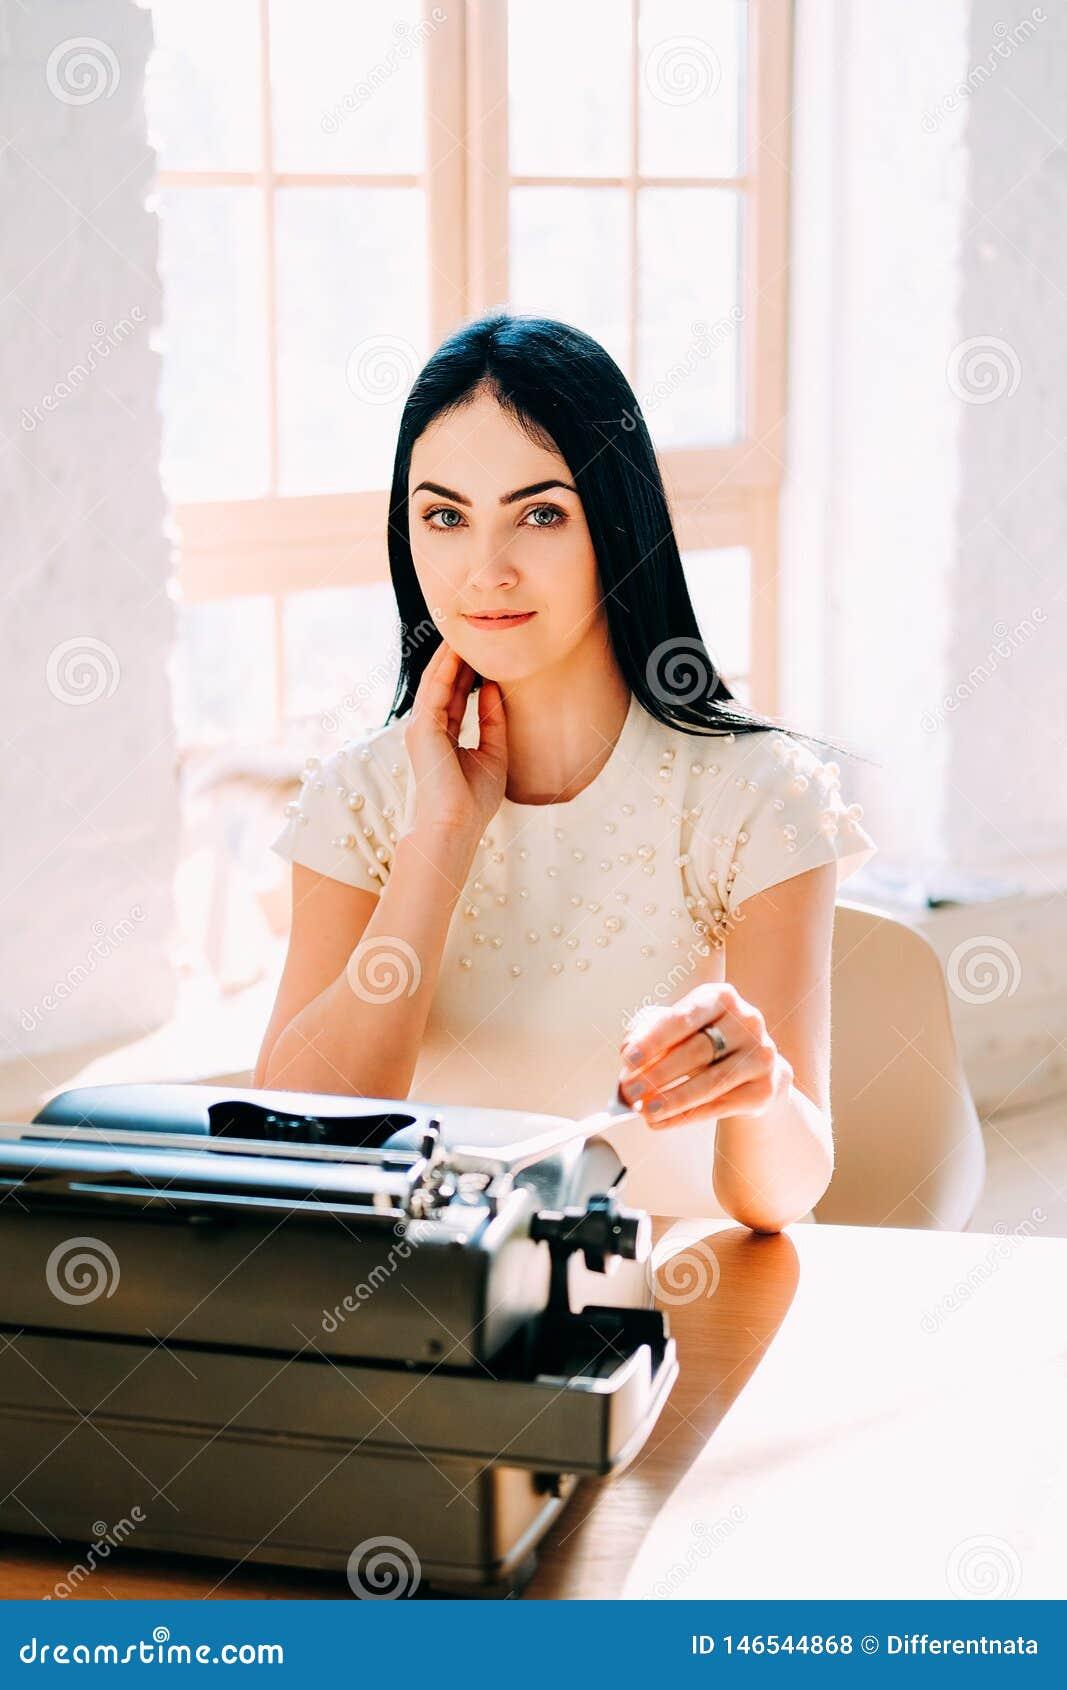 Ocupaci?n profesional Secretaria en documentos que mecanograf?an del vestido blanco